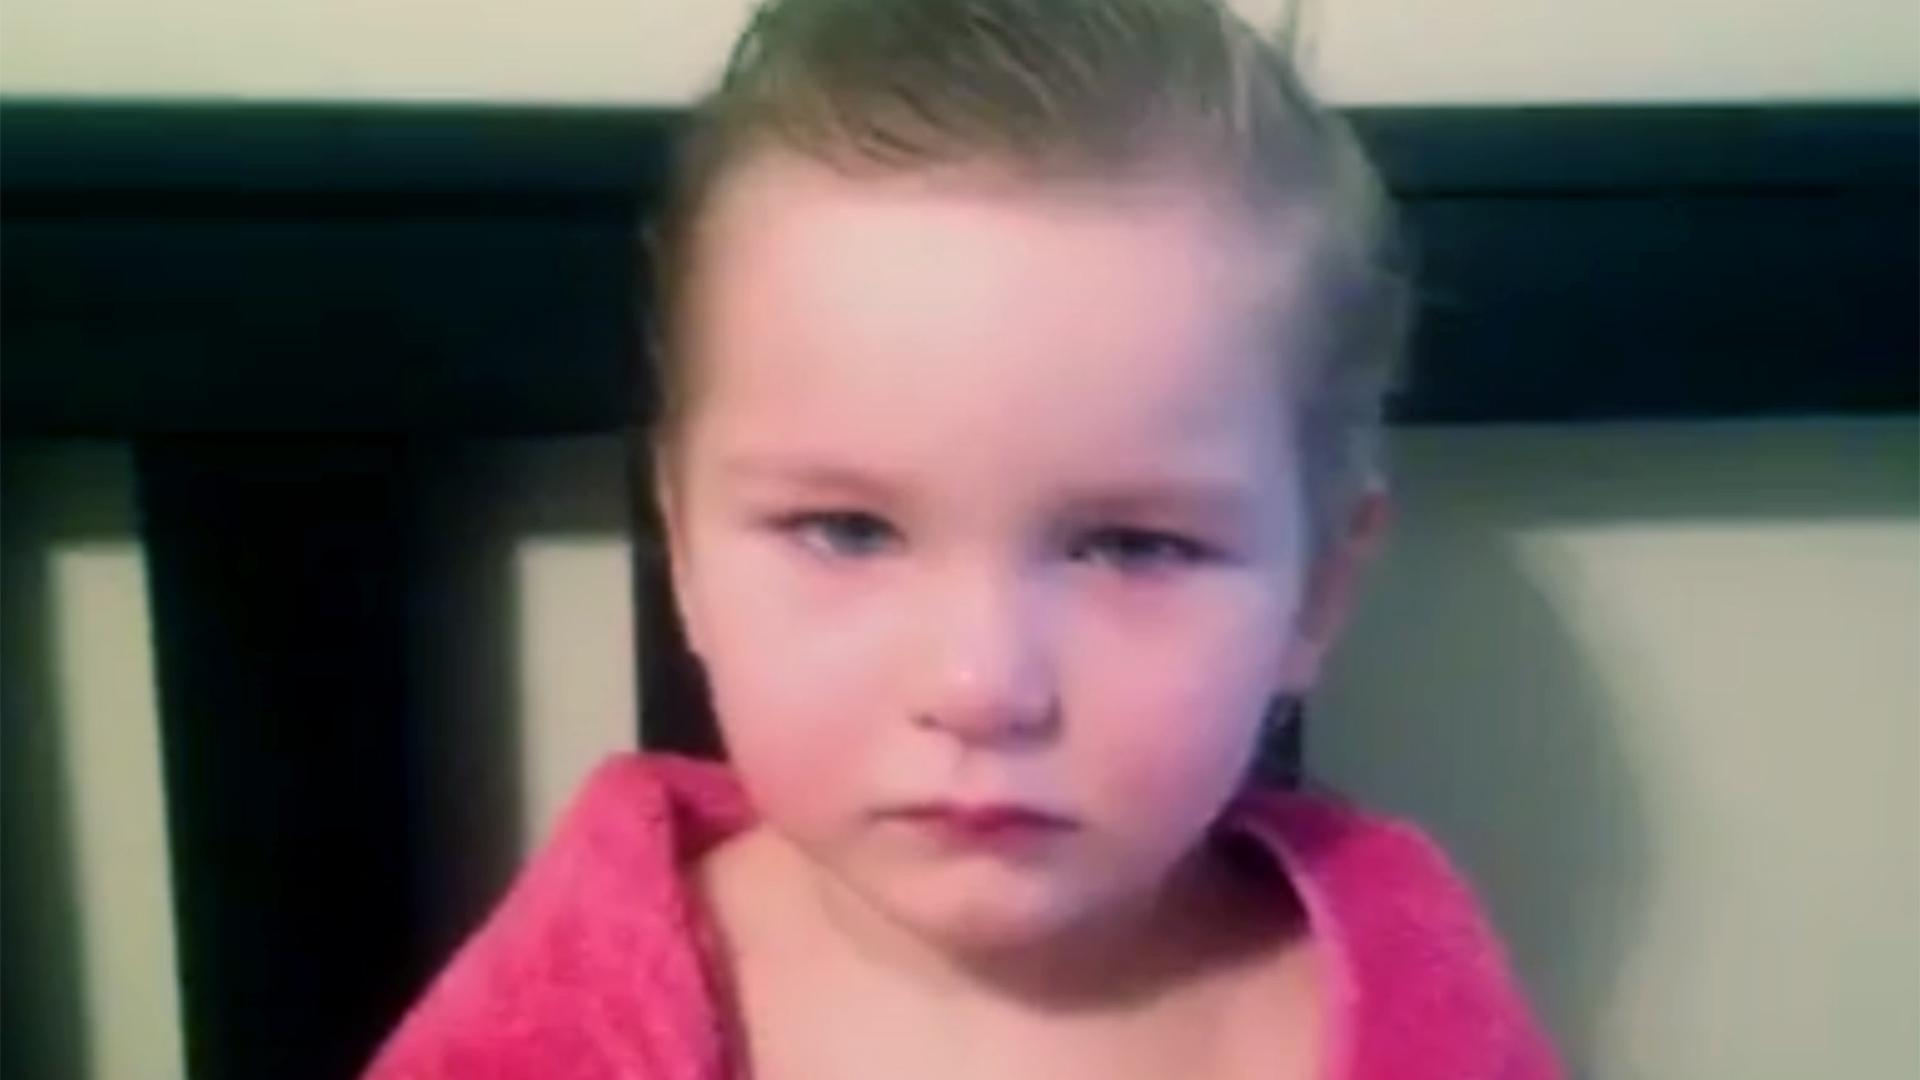 Kid Haircut 3 Year Old Cuts Her Own Hair Cuteness Ensues